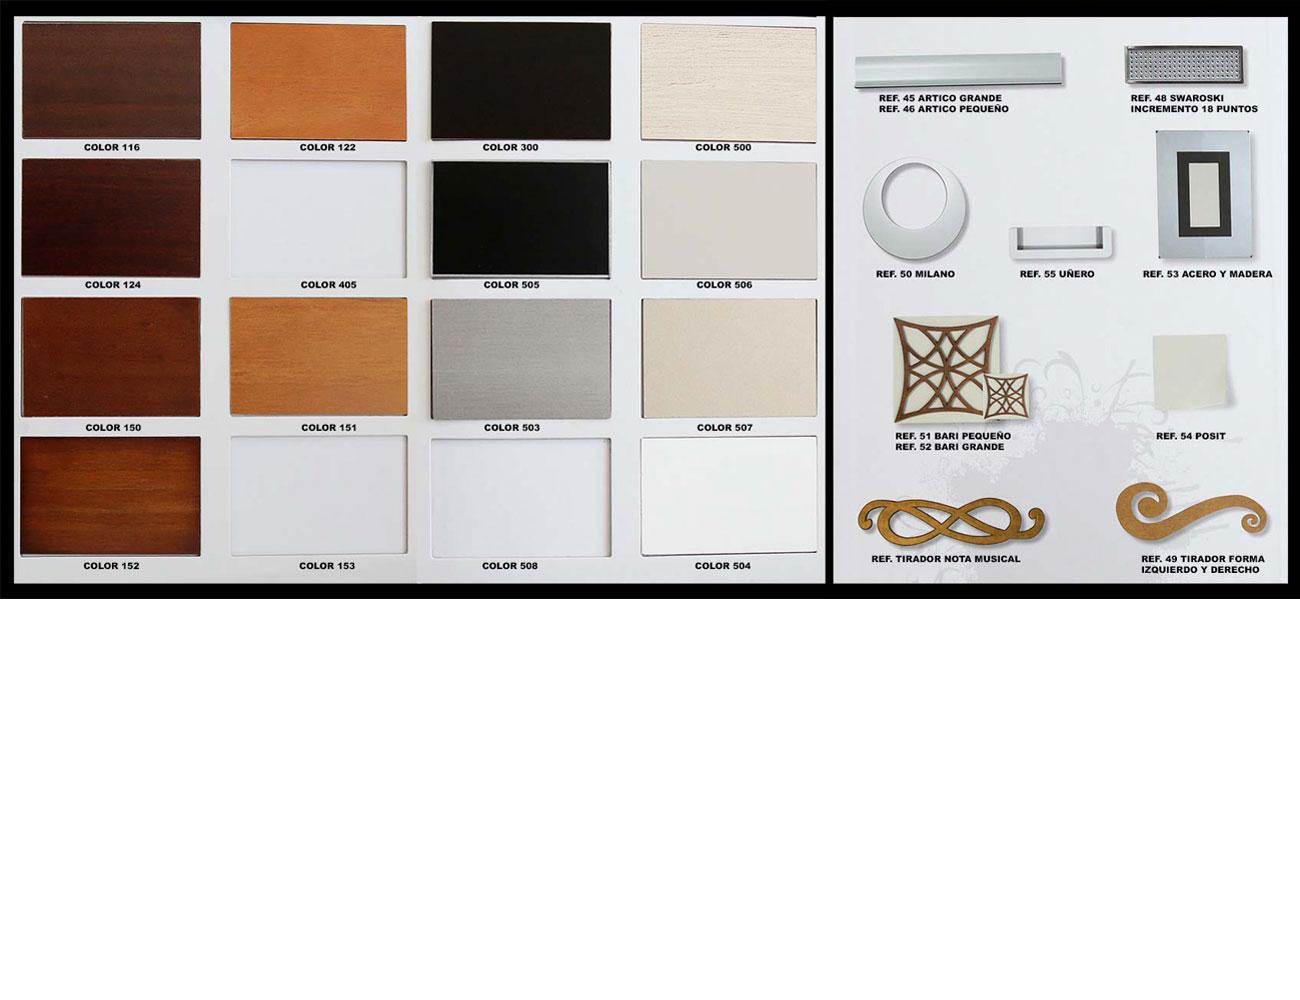 Colores tiradores1